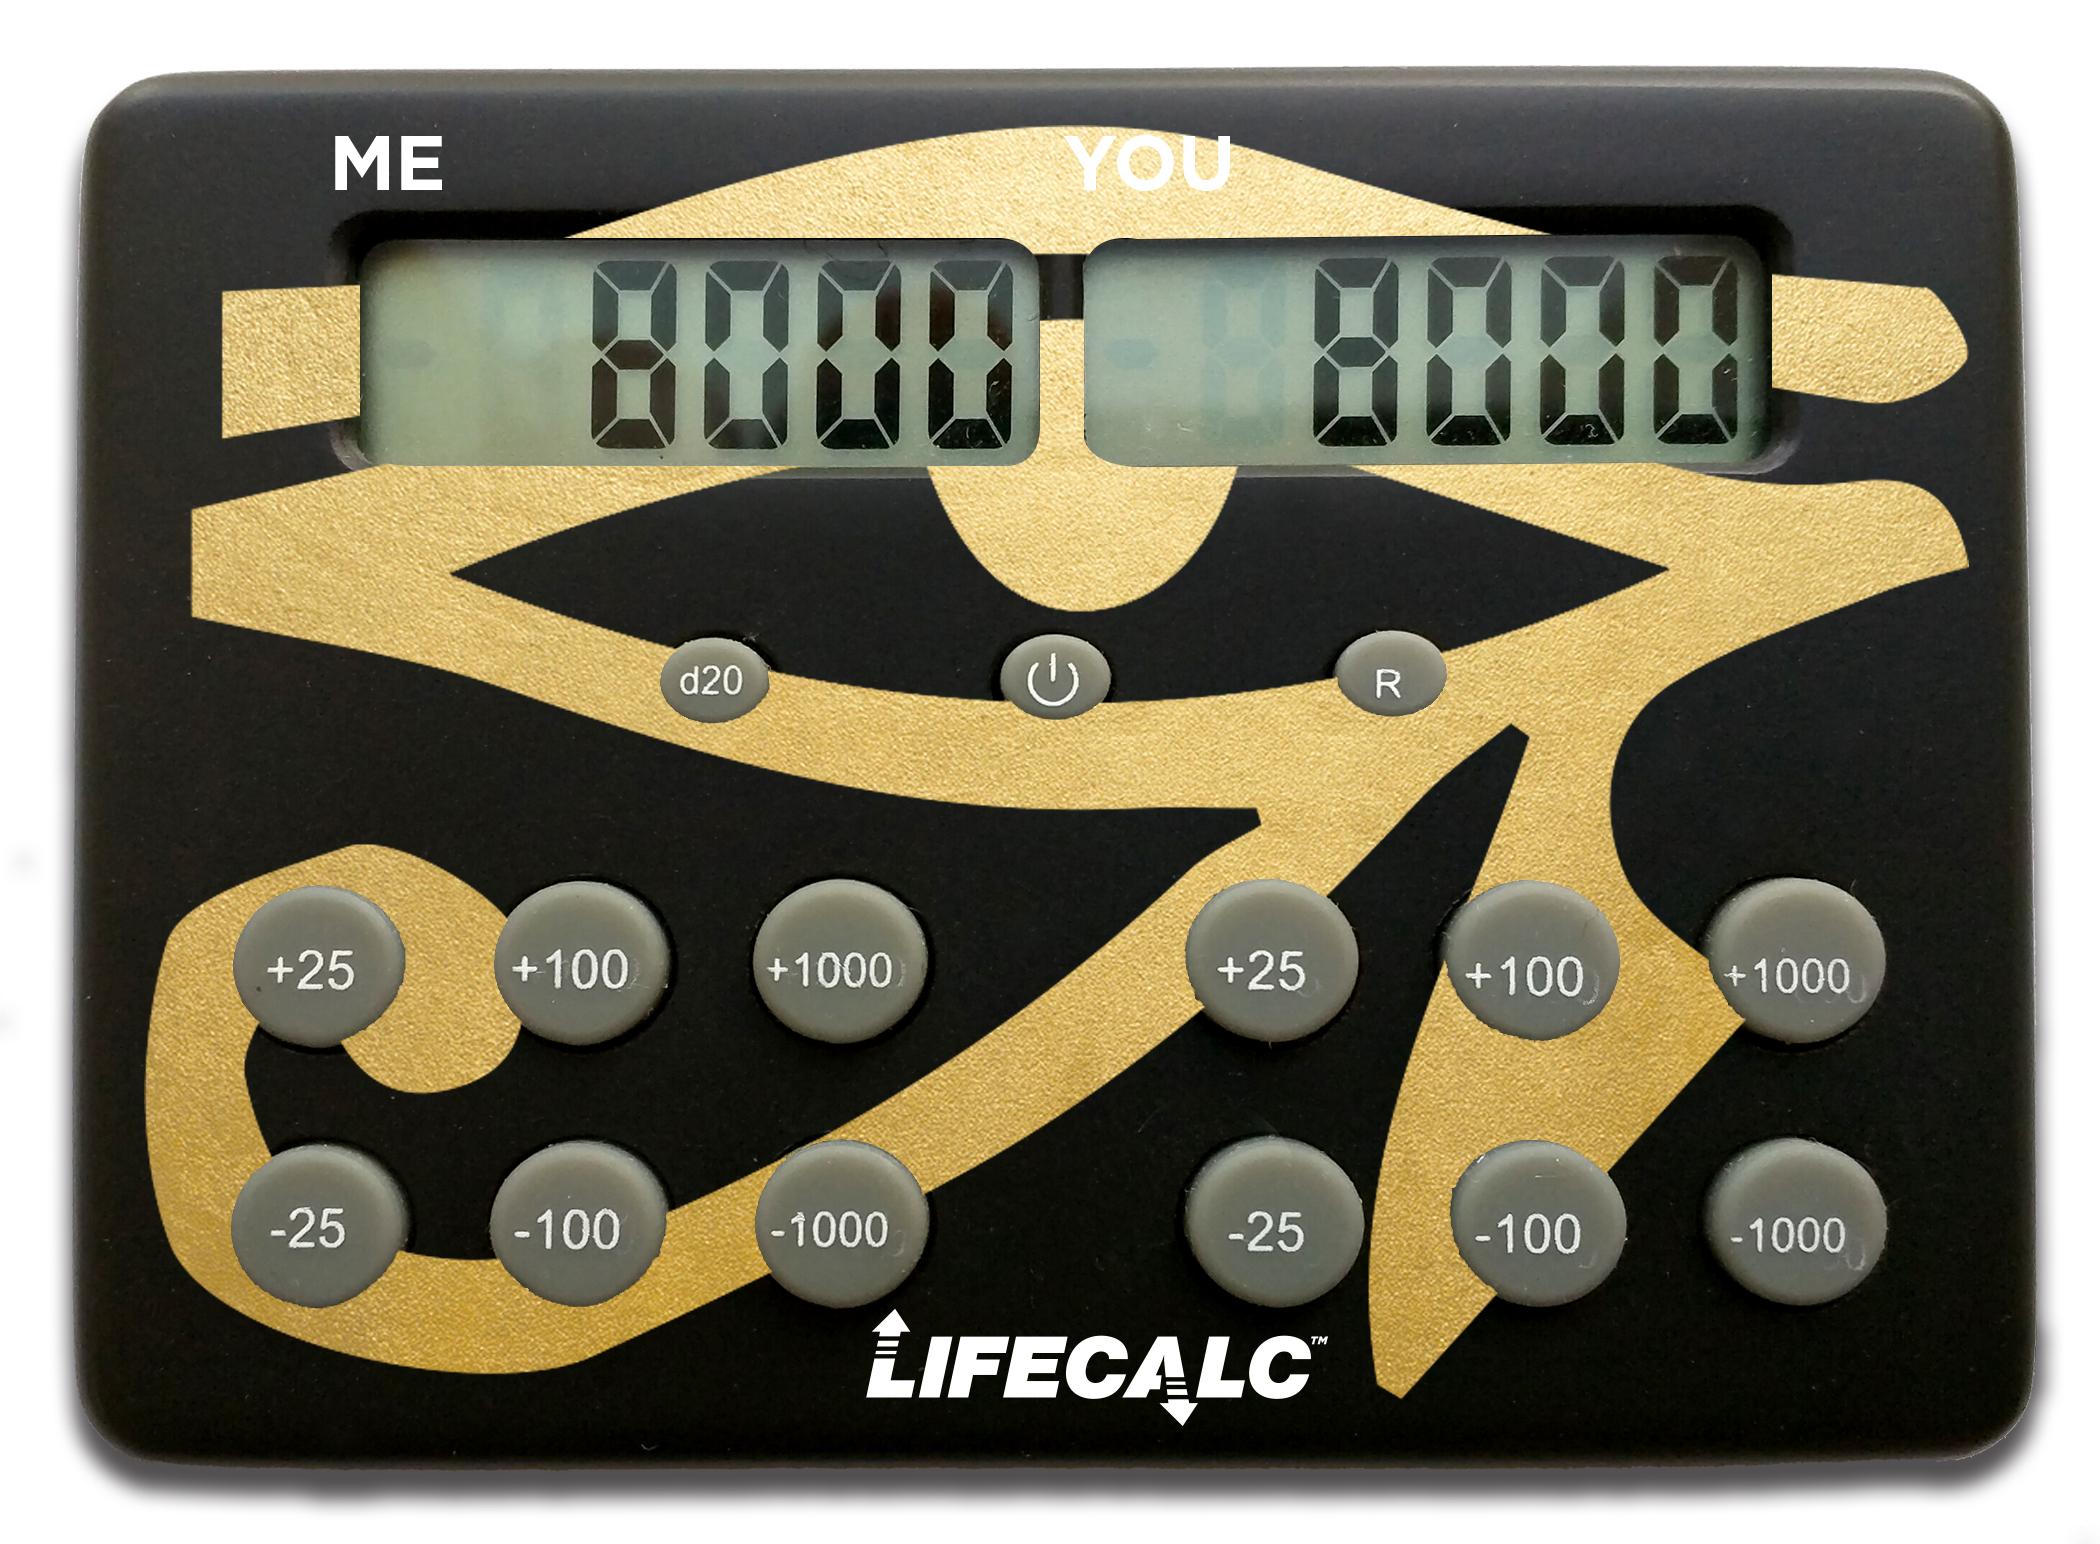 Τι θα θελατε αυτή τη στιγμή? - Σελίδα 3 YuGiOh-Lifecalc-mockups-eye